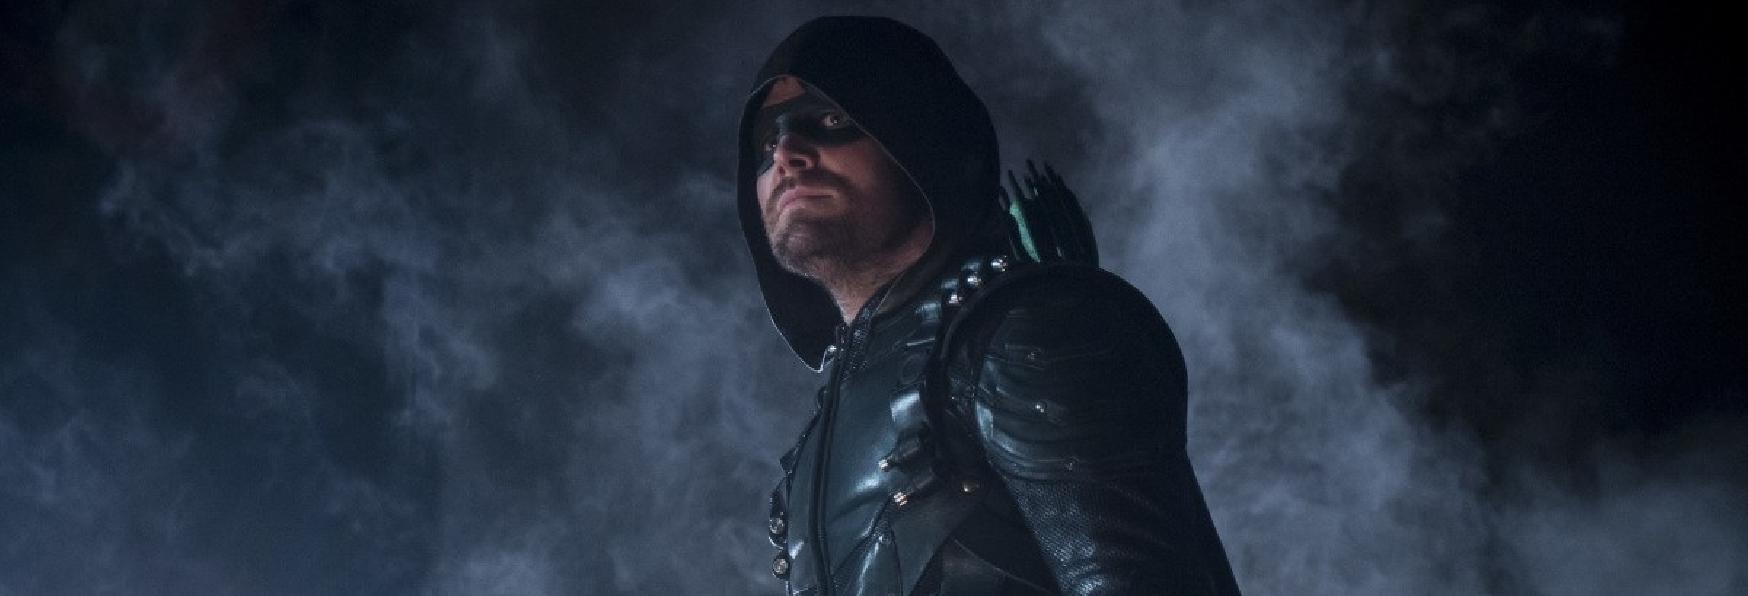 Arrow: il Finale di Stagione e il Potenziale Spin-off Star City 2040